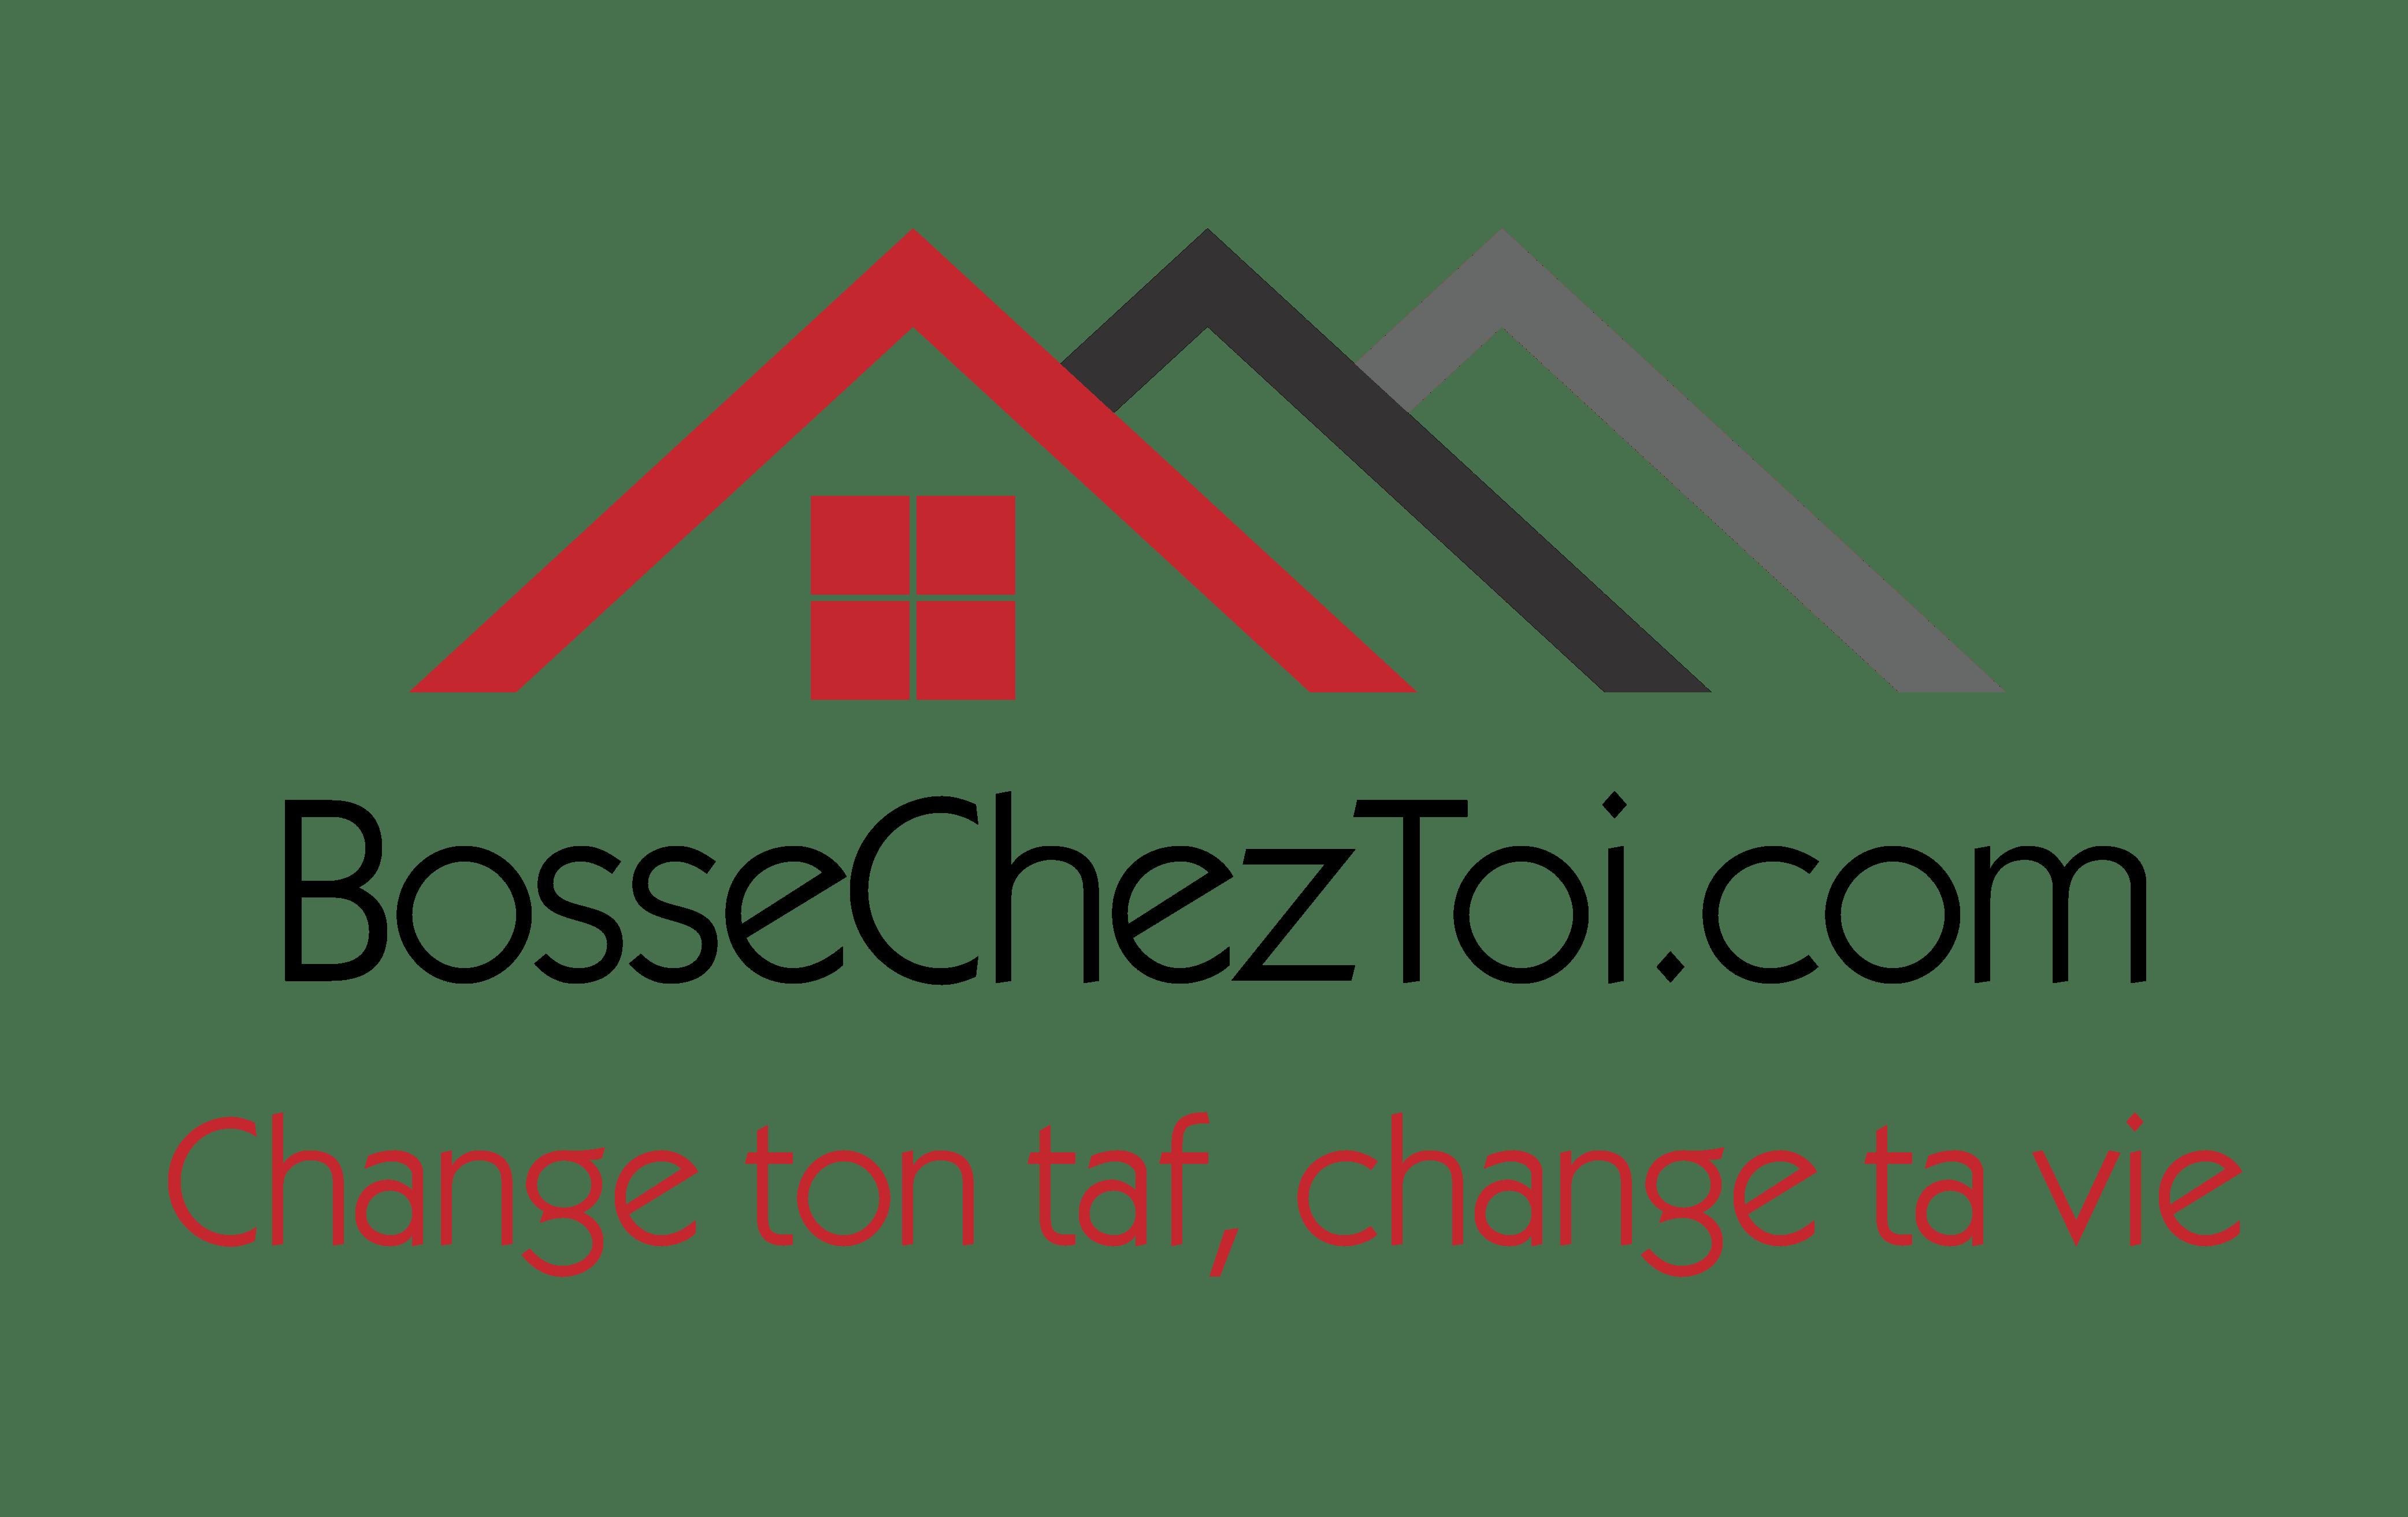 bossecheztoi.com